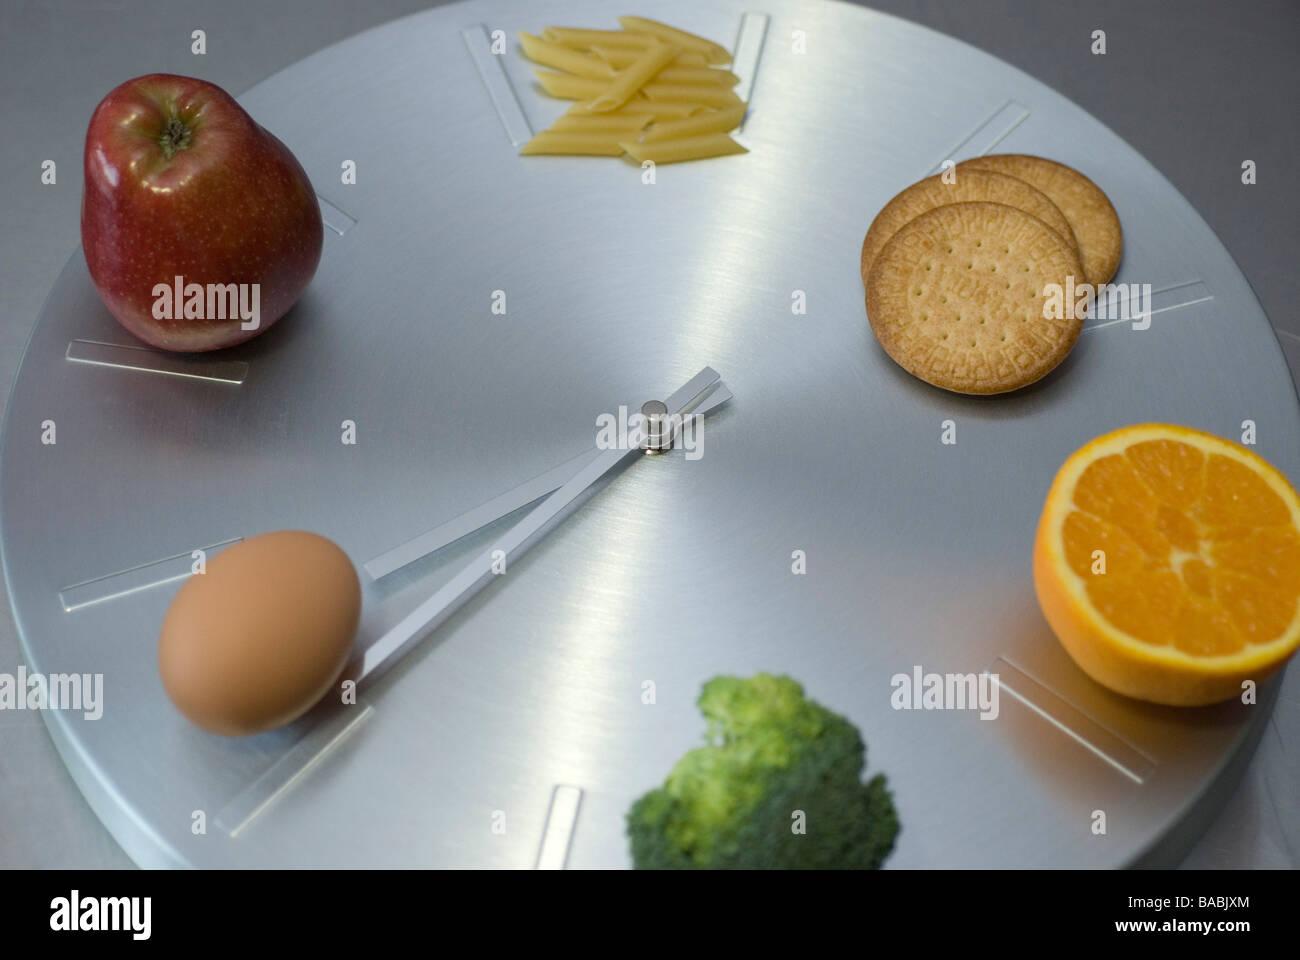 Uhr Essen Kontrolle-Nudeln, Kekse, Orange, Apfel, Ei und Brokkoli Stockbild